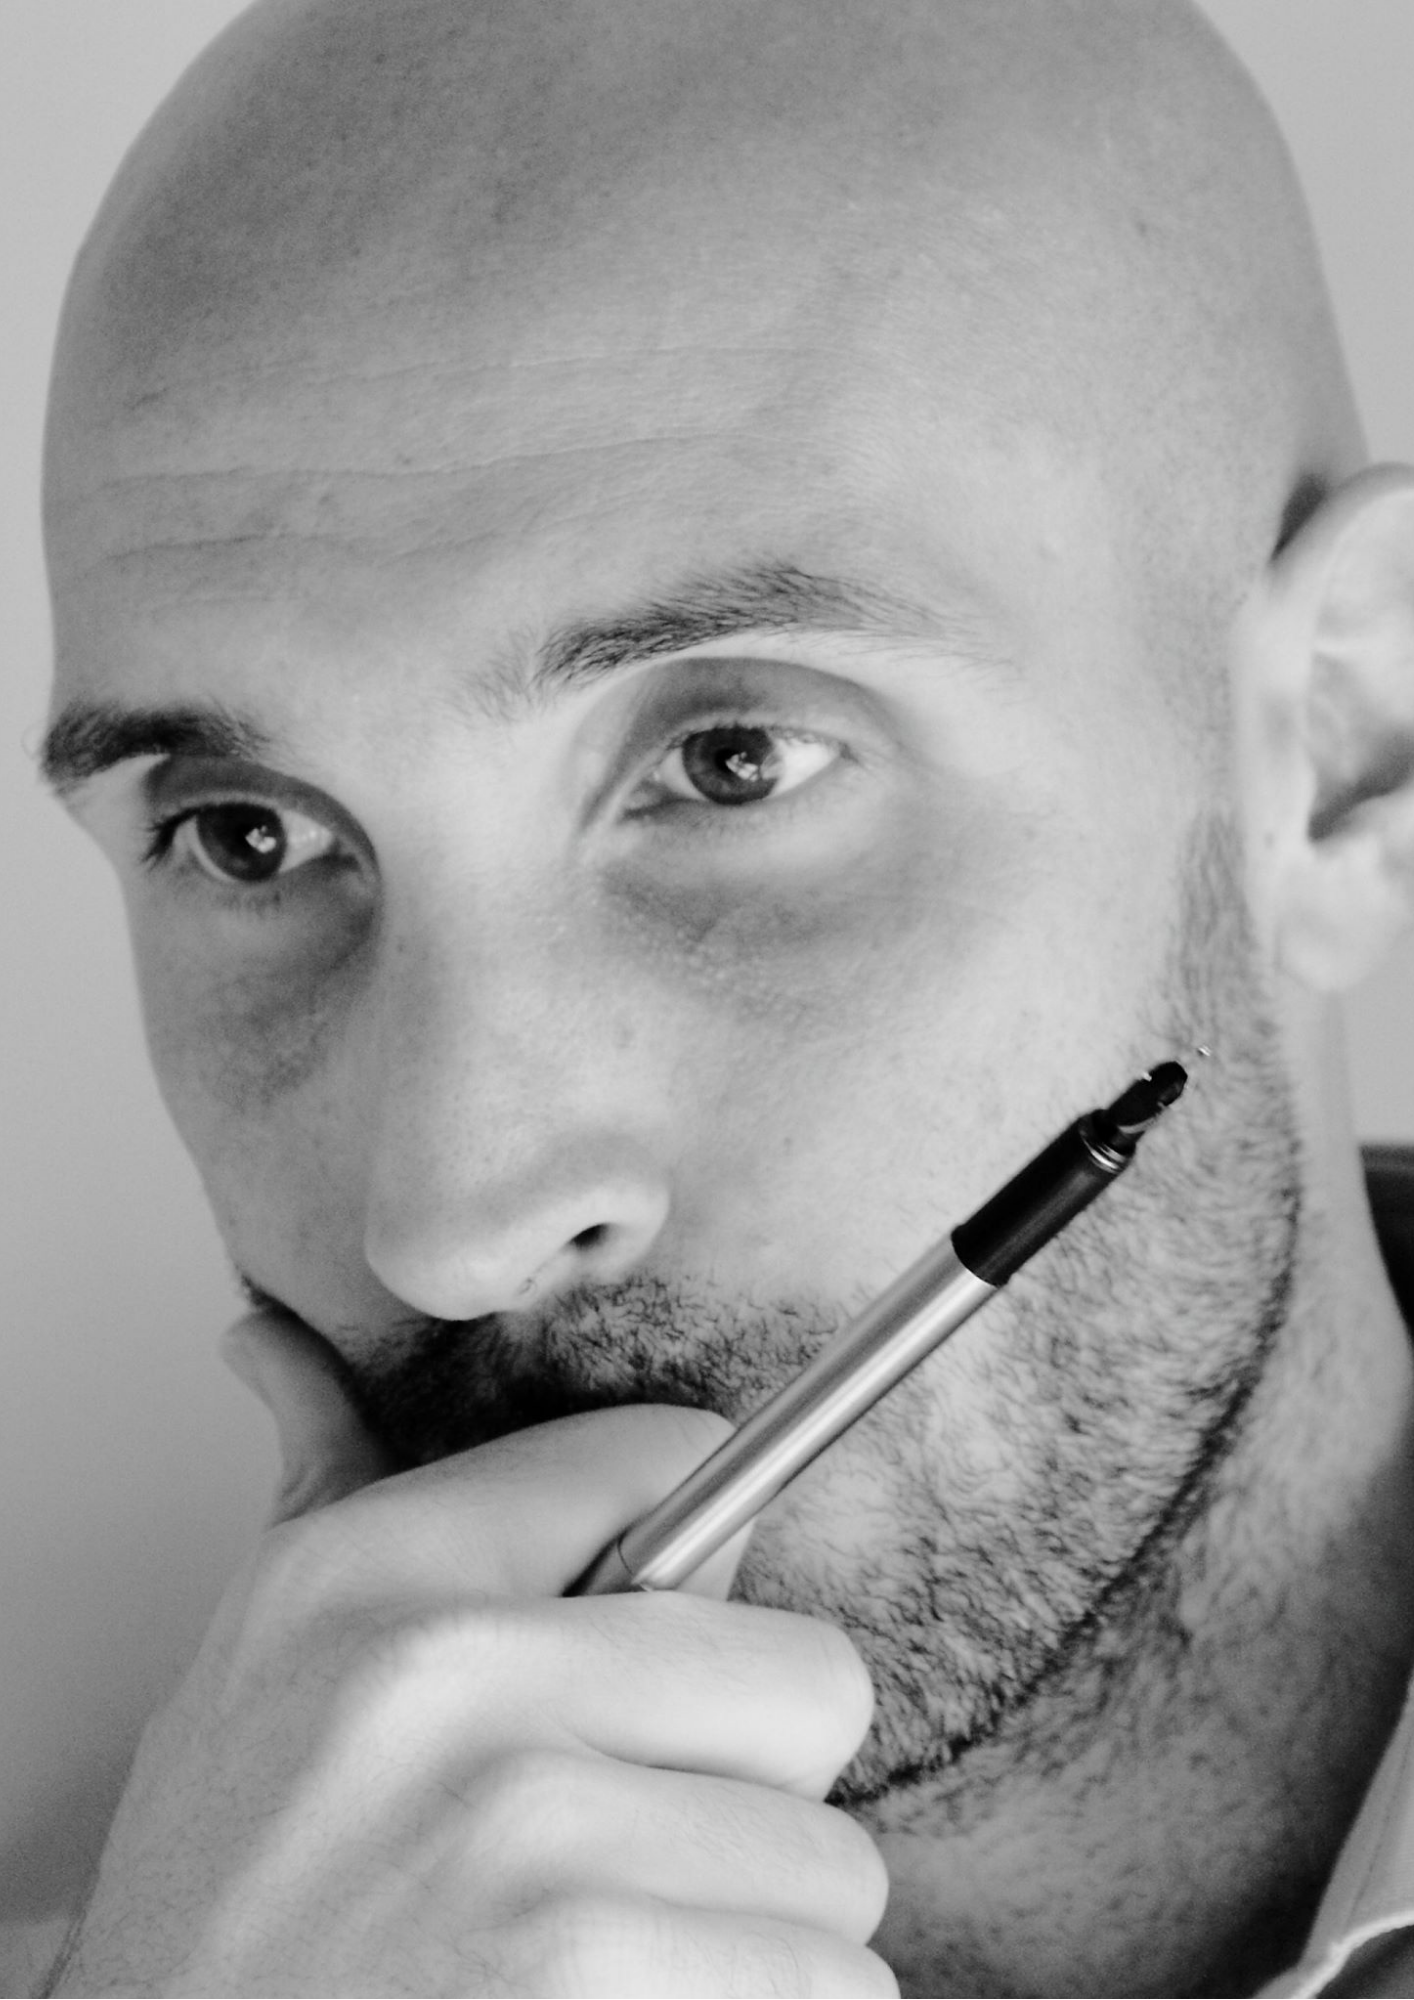 Dr. Marcello Orazio Florita